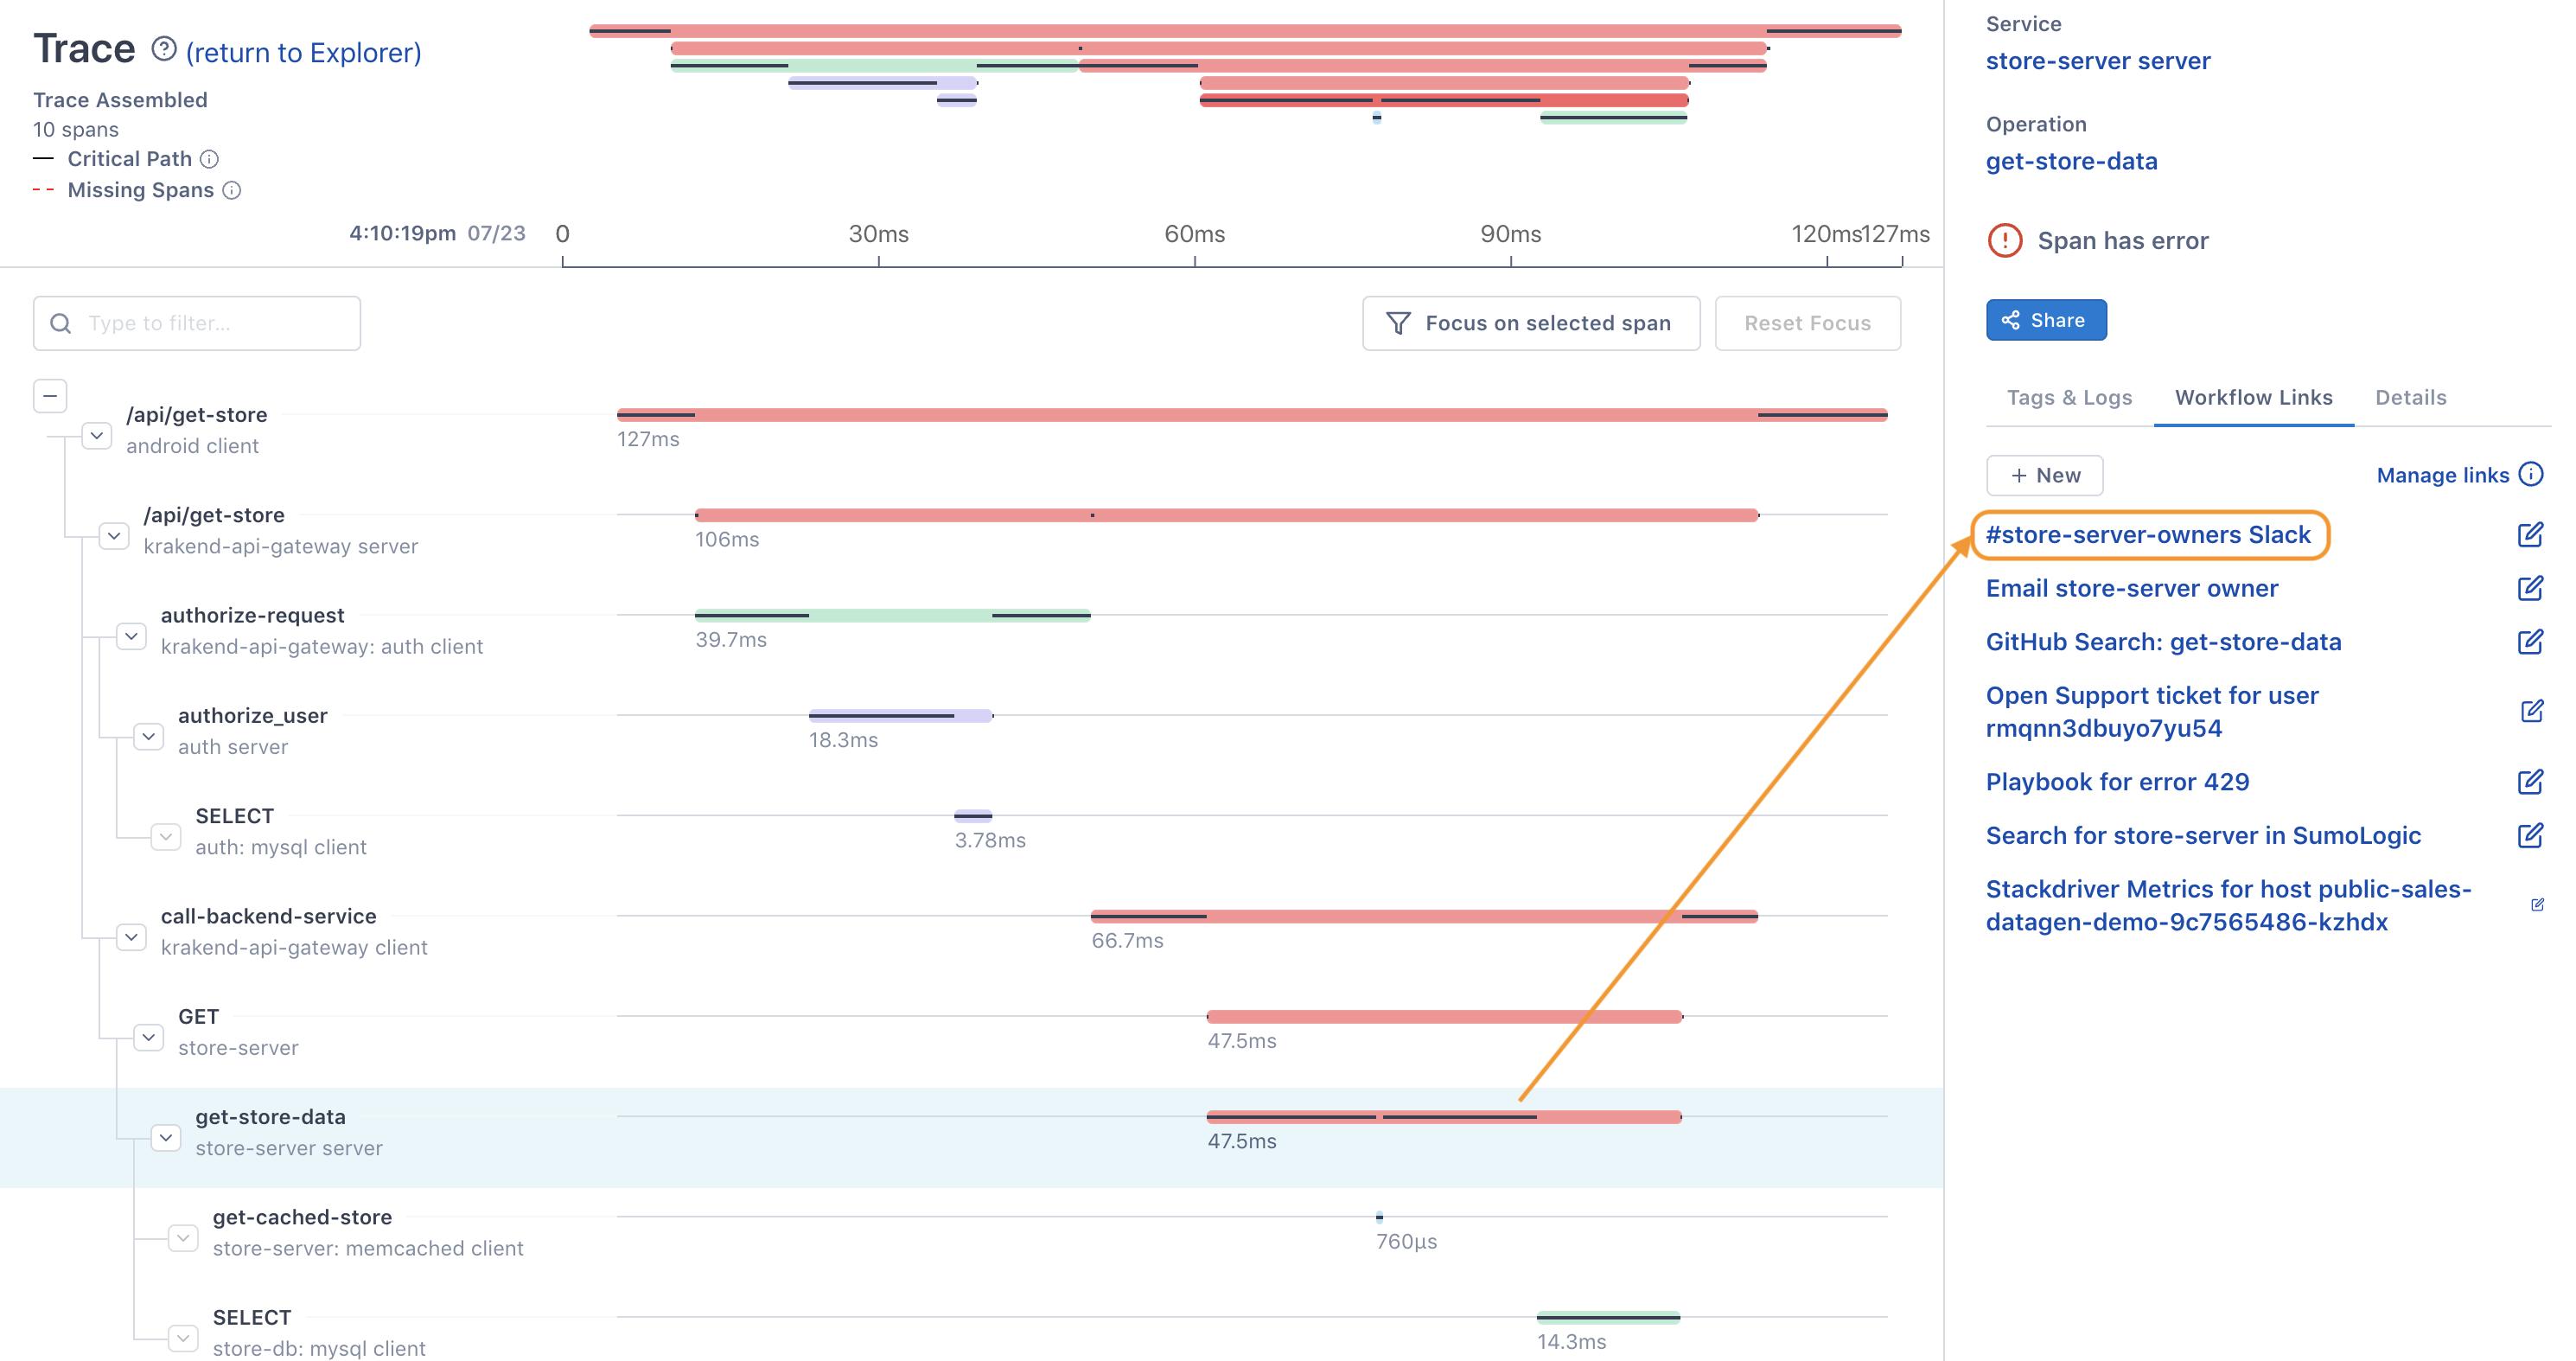 Slack Workflow Link